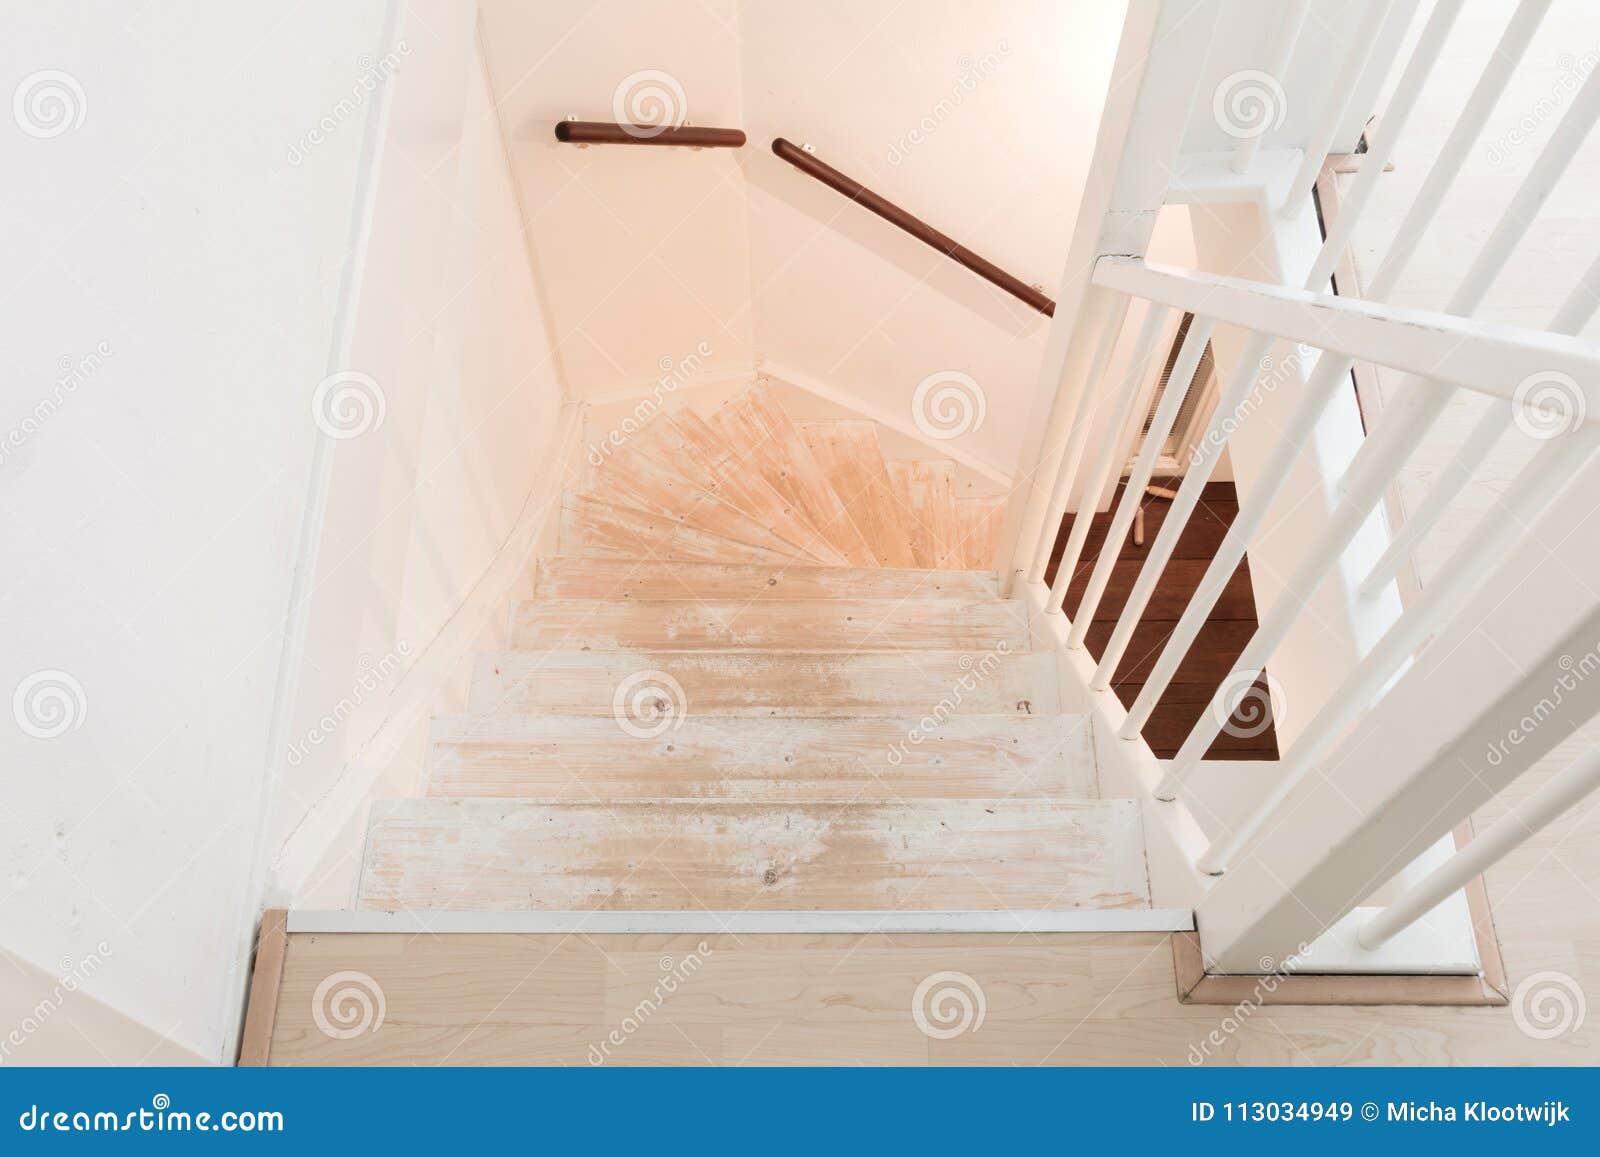 Eliminación de la alfombra, del pegamento y de la pintura de las escaleras de un vintage